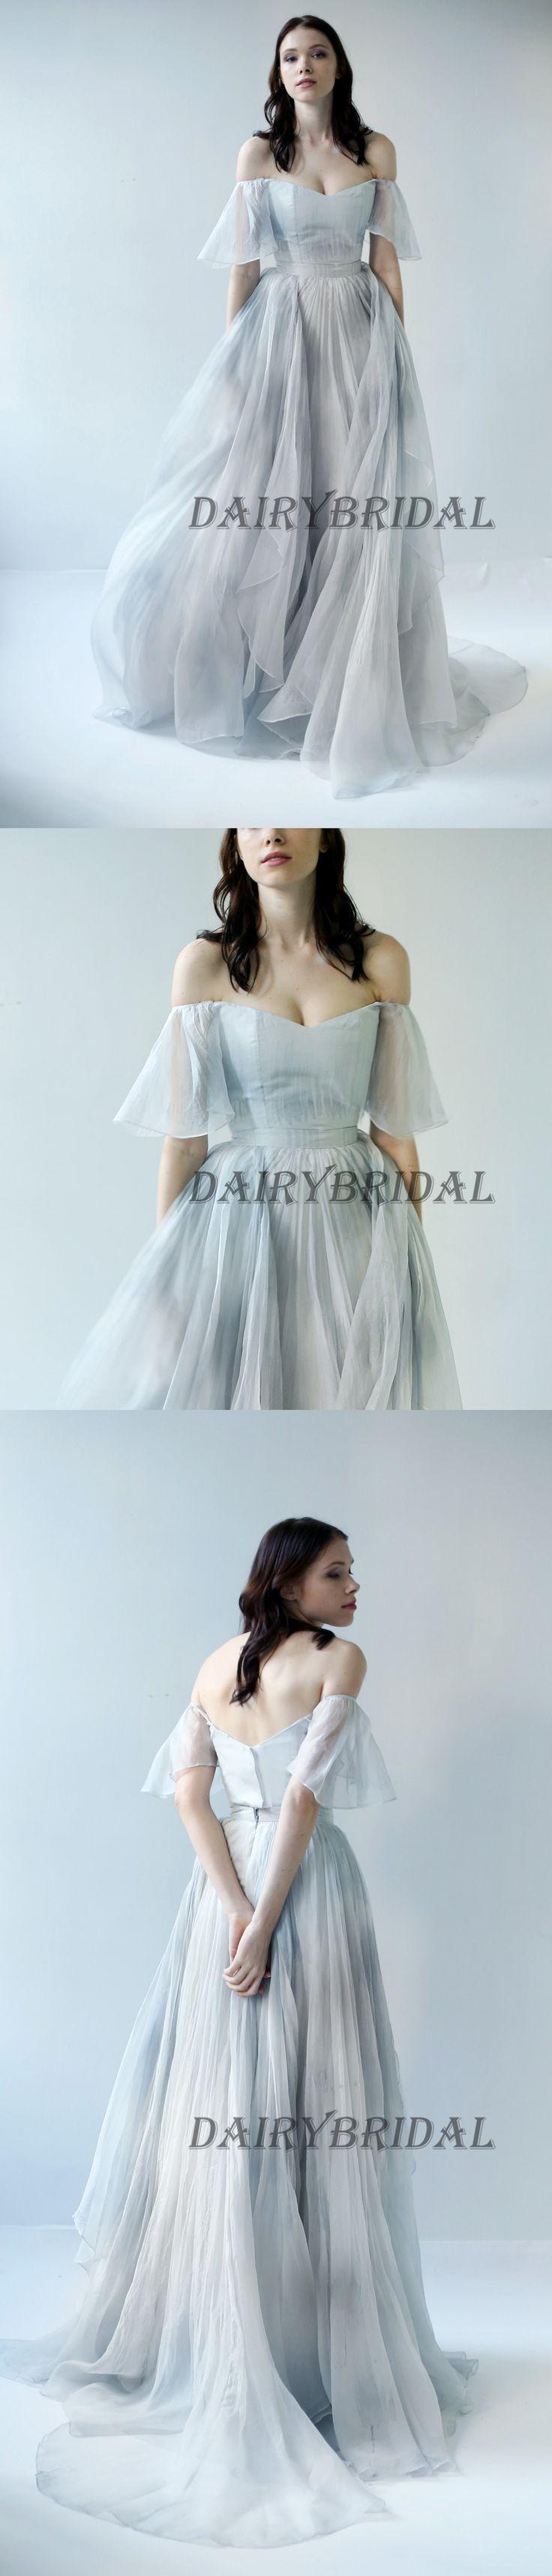 Charming Off the Shoulder Printed Backless A-Line Vintage Prom Dresses, D101